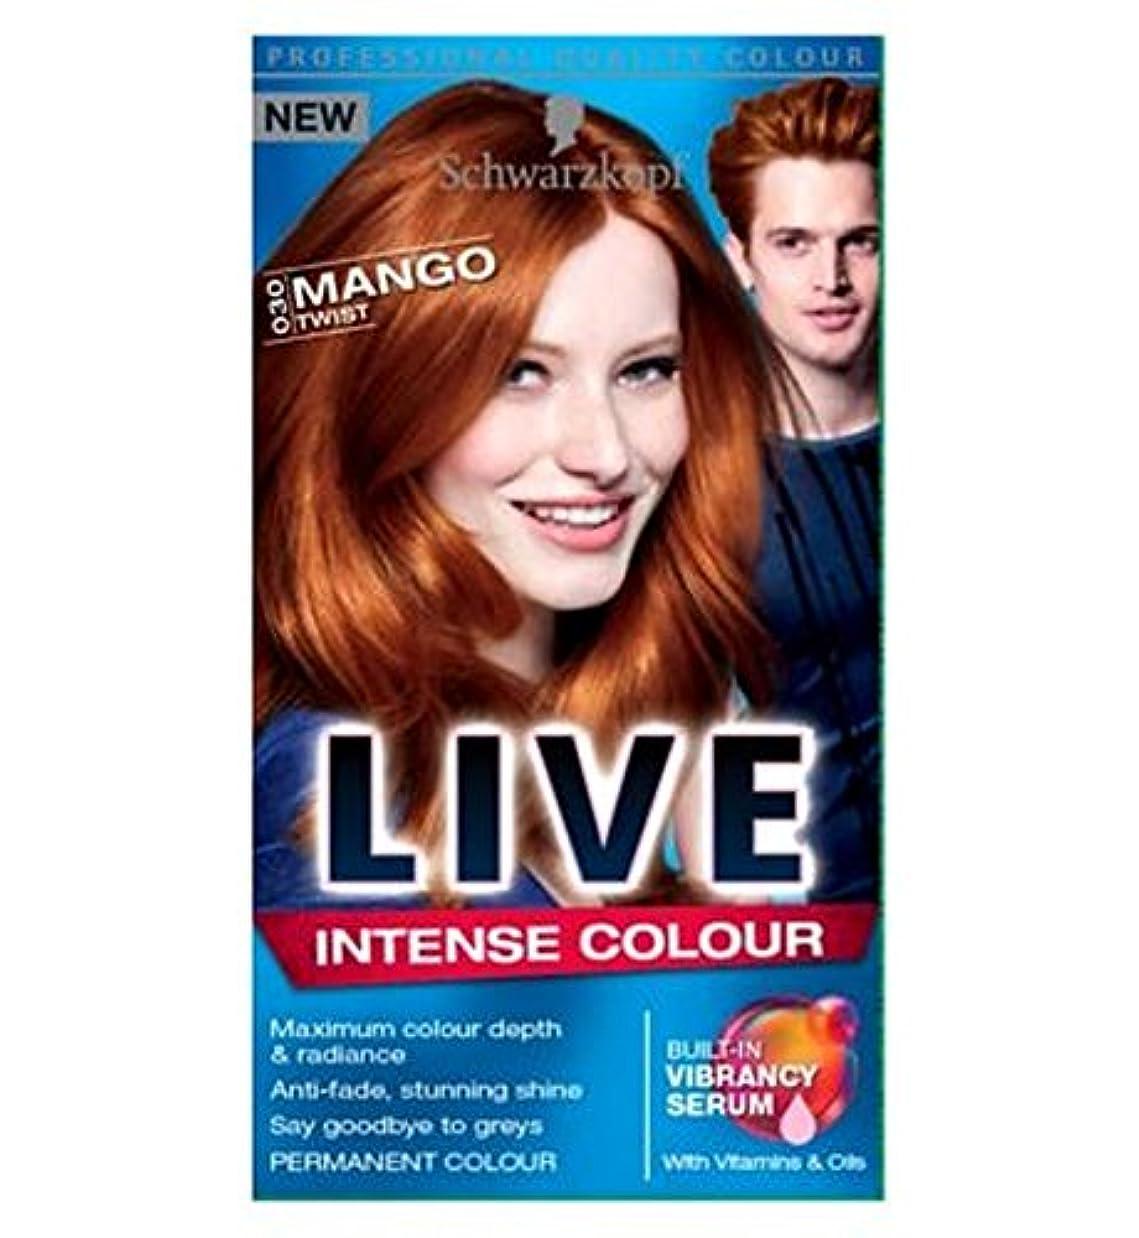 暴行有毒レッドデートライブ強い色のマンゴーツイスト030 (Schwarzkopf) (x2) - LIVE Intense Colour Mango Twist 030 (Pack of 2) [並行輸入品]